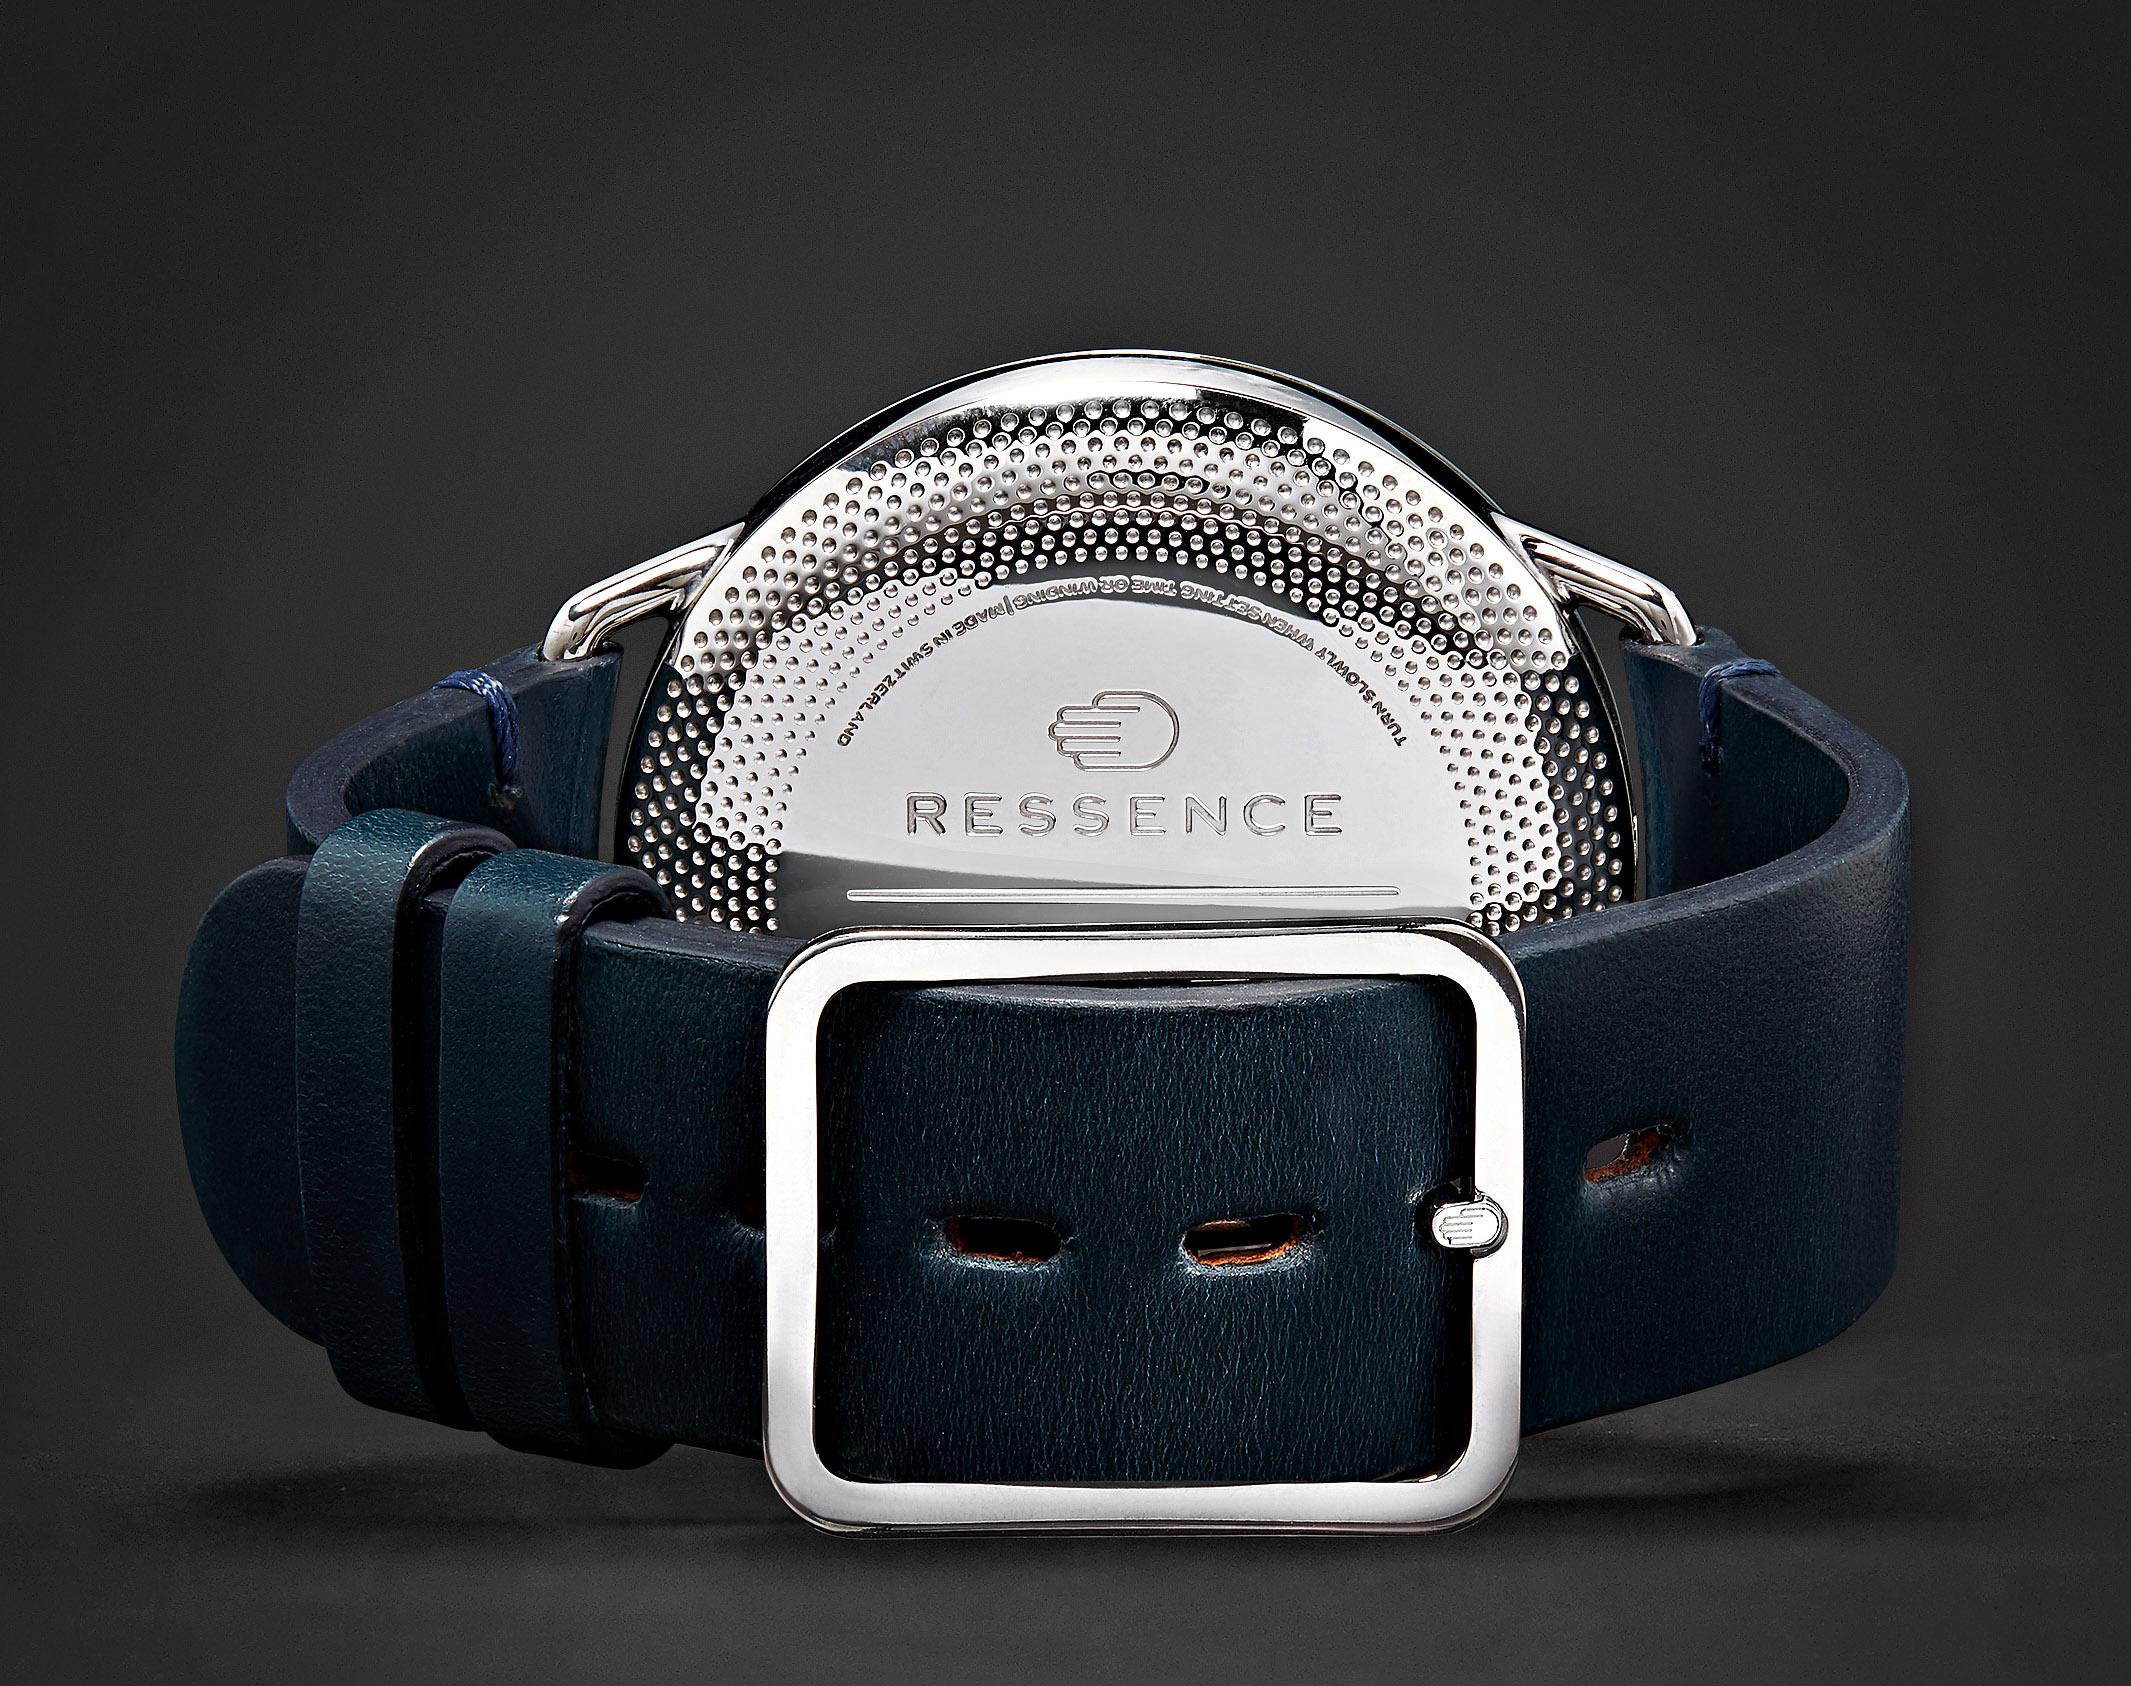 Schließe und Band der Ressence Type 1 MRP